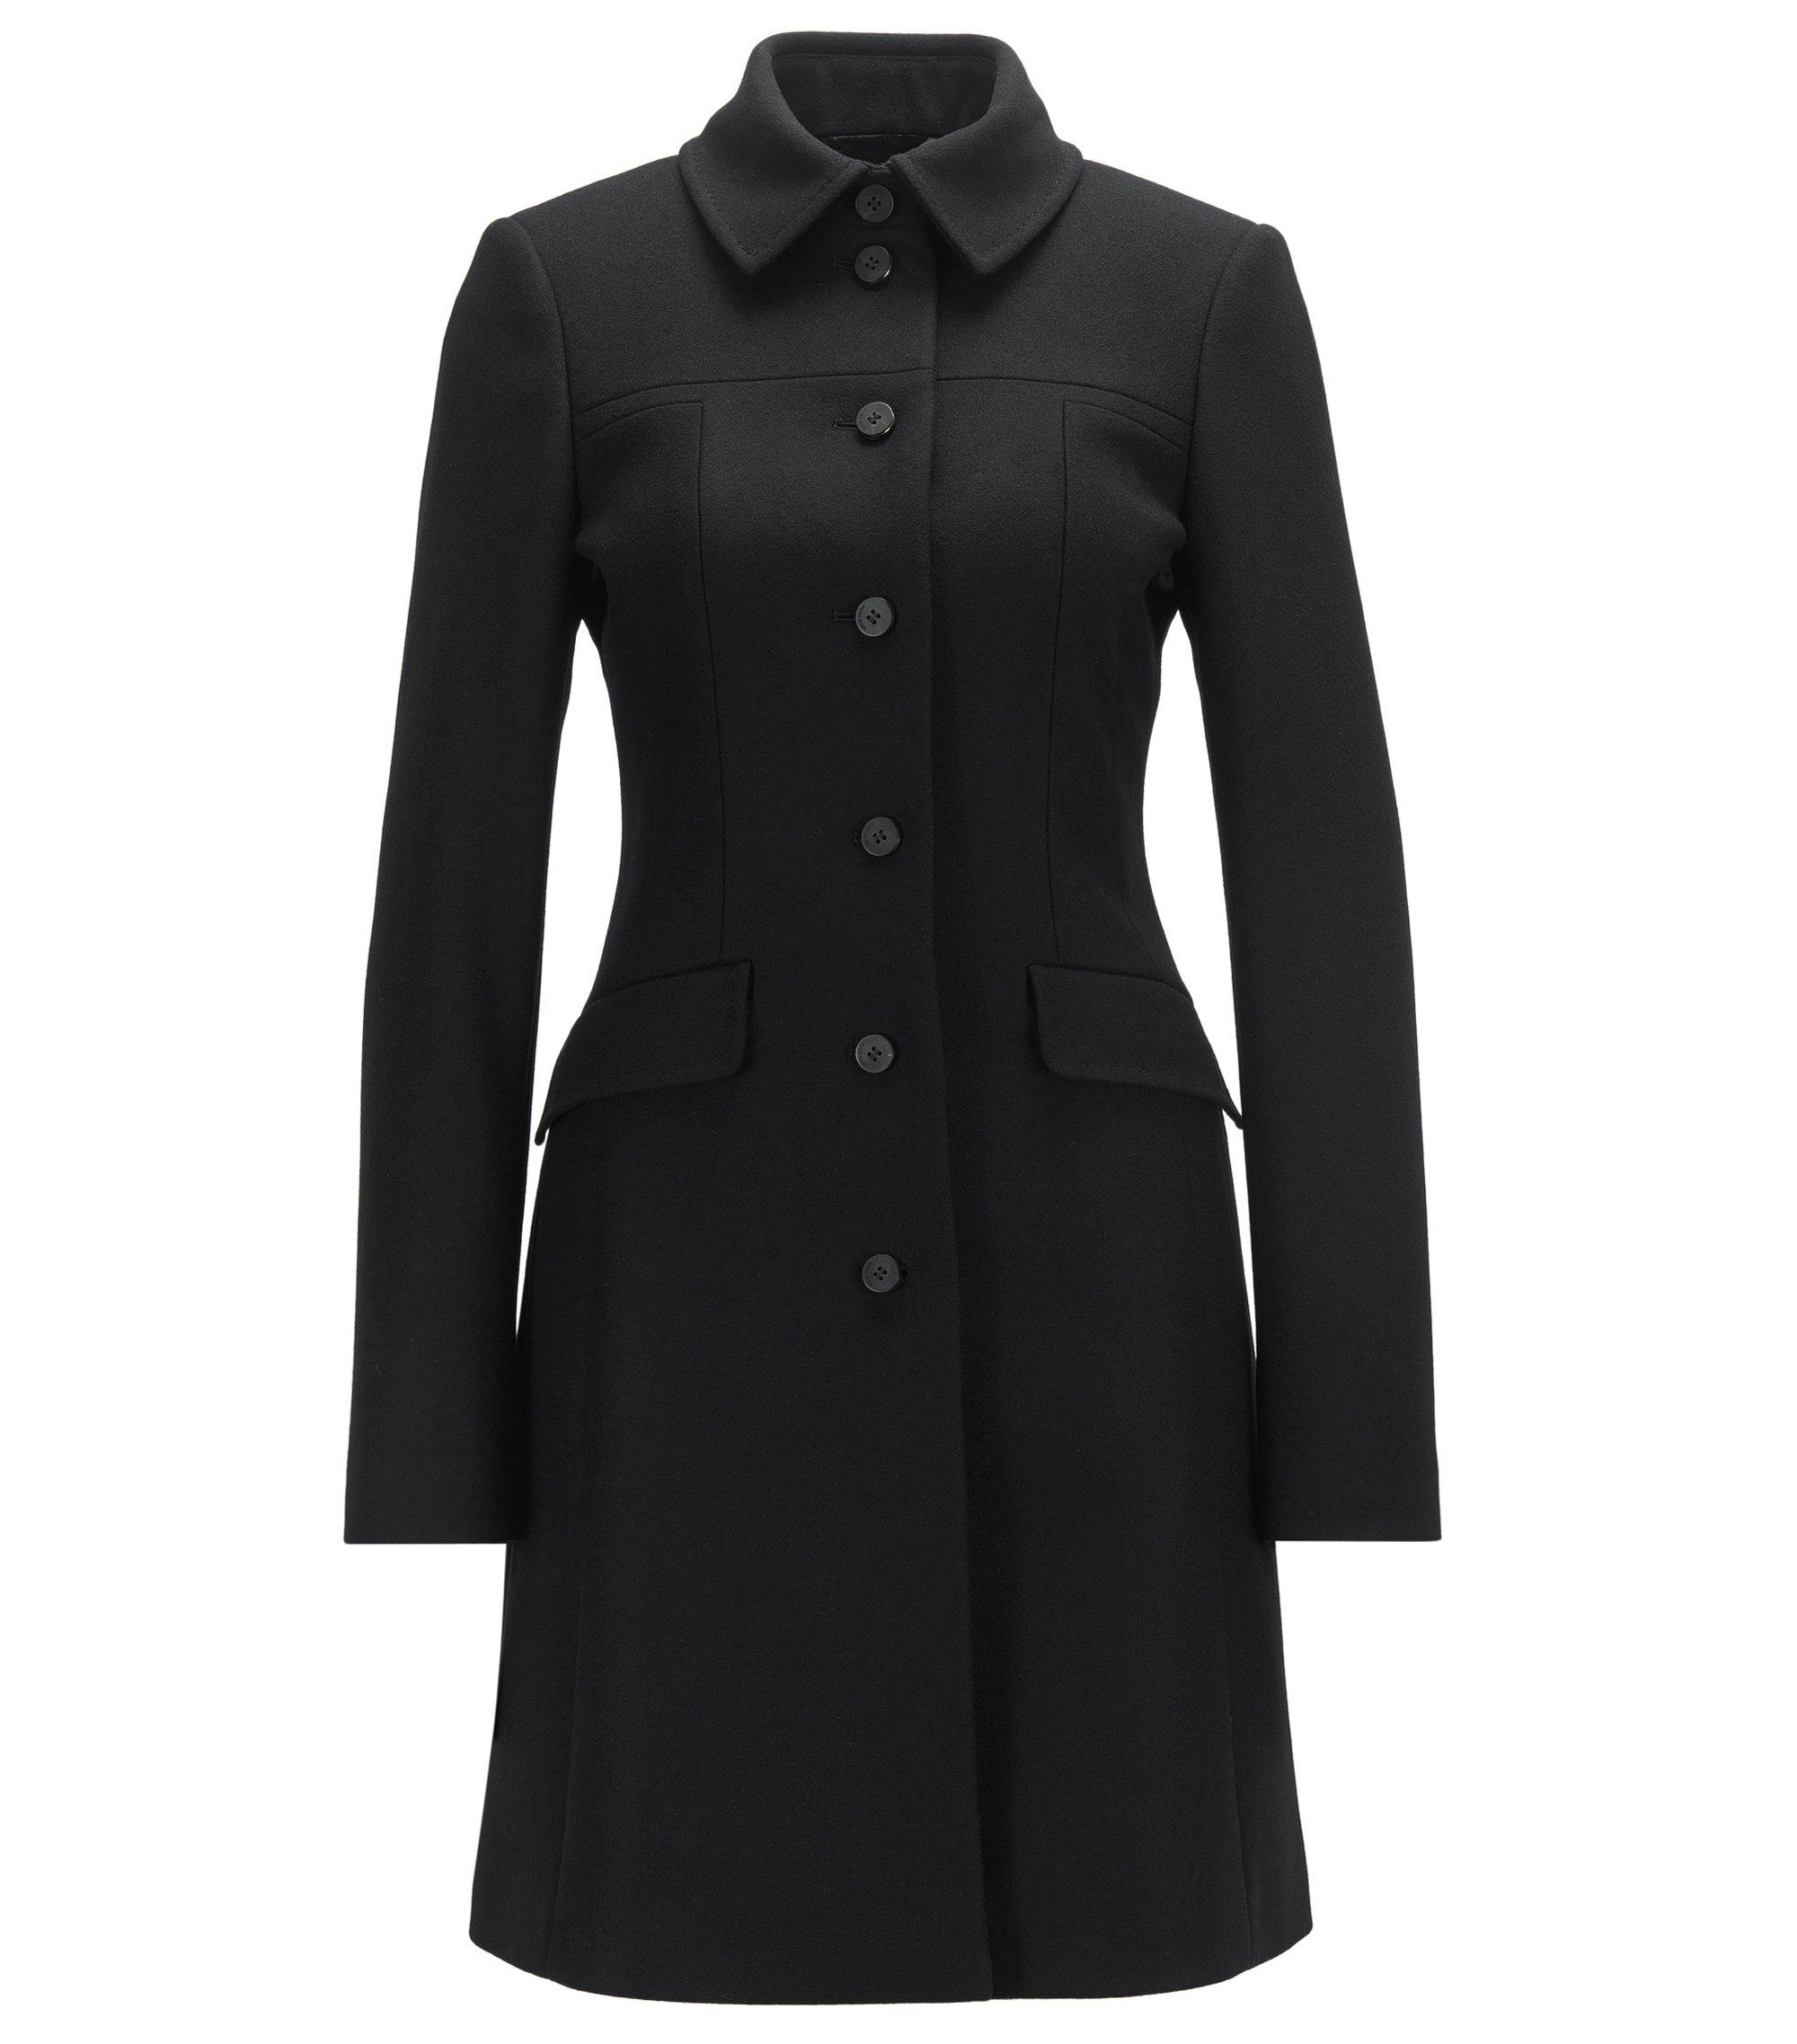 Manteau Slim Fit habillé en laine vierge mélangée, Noir